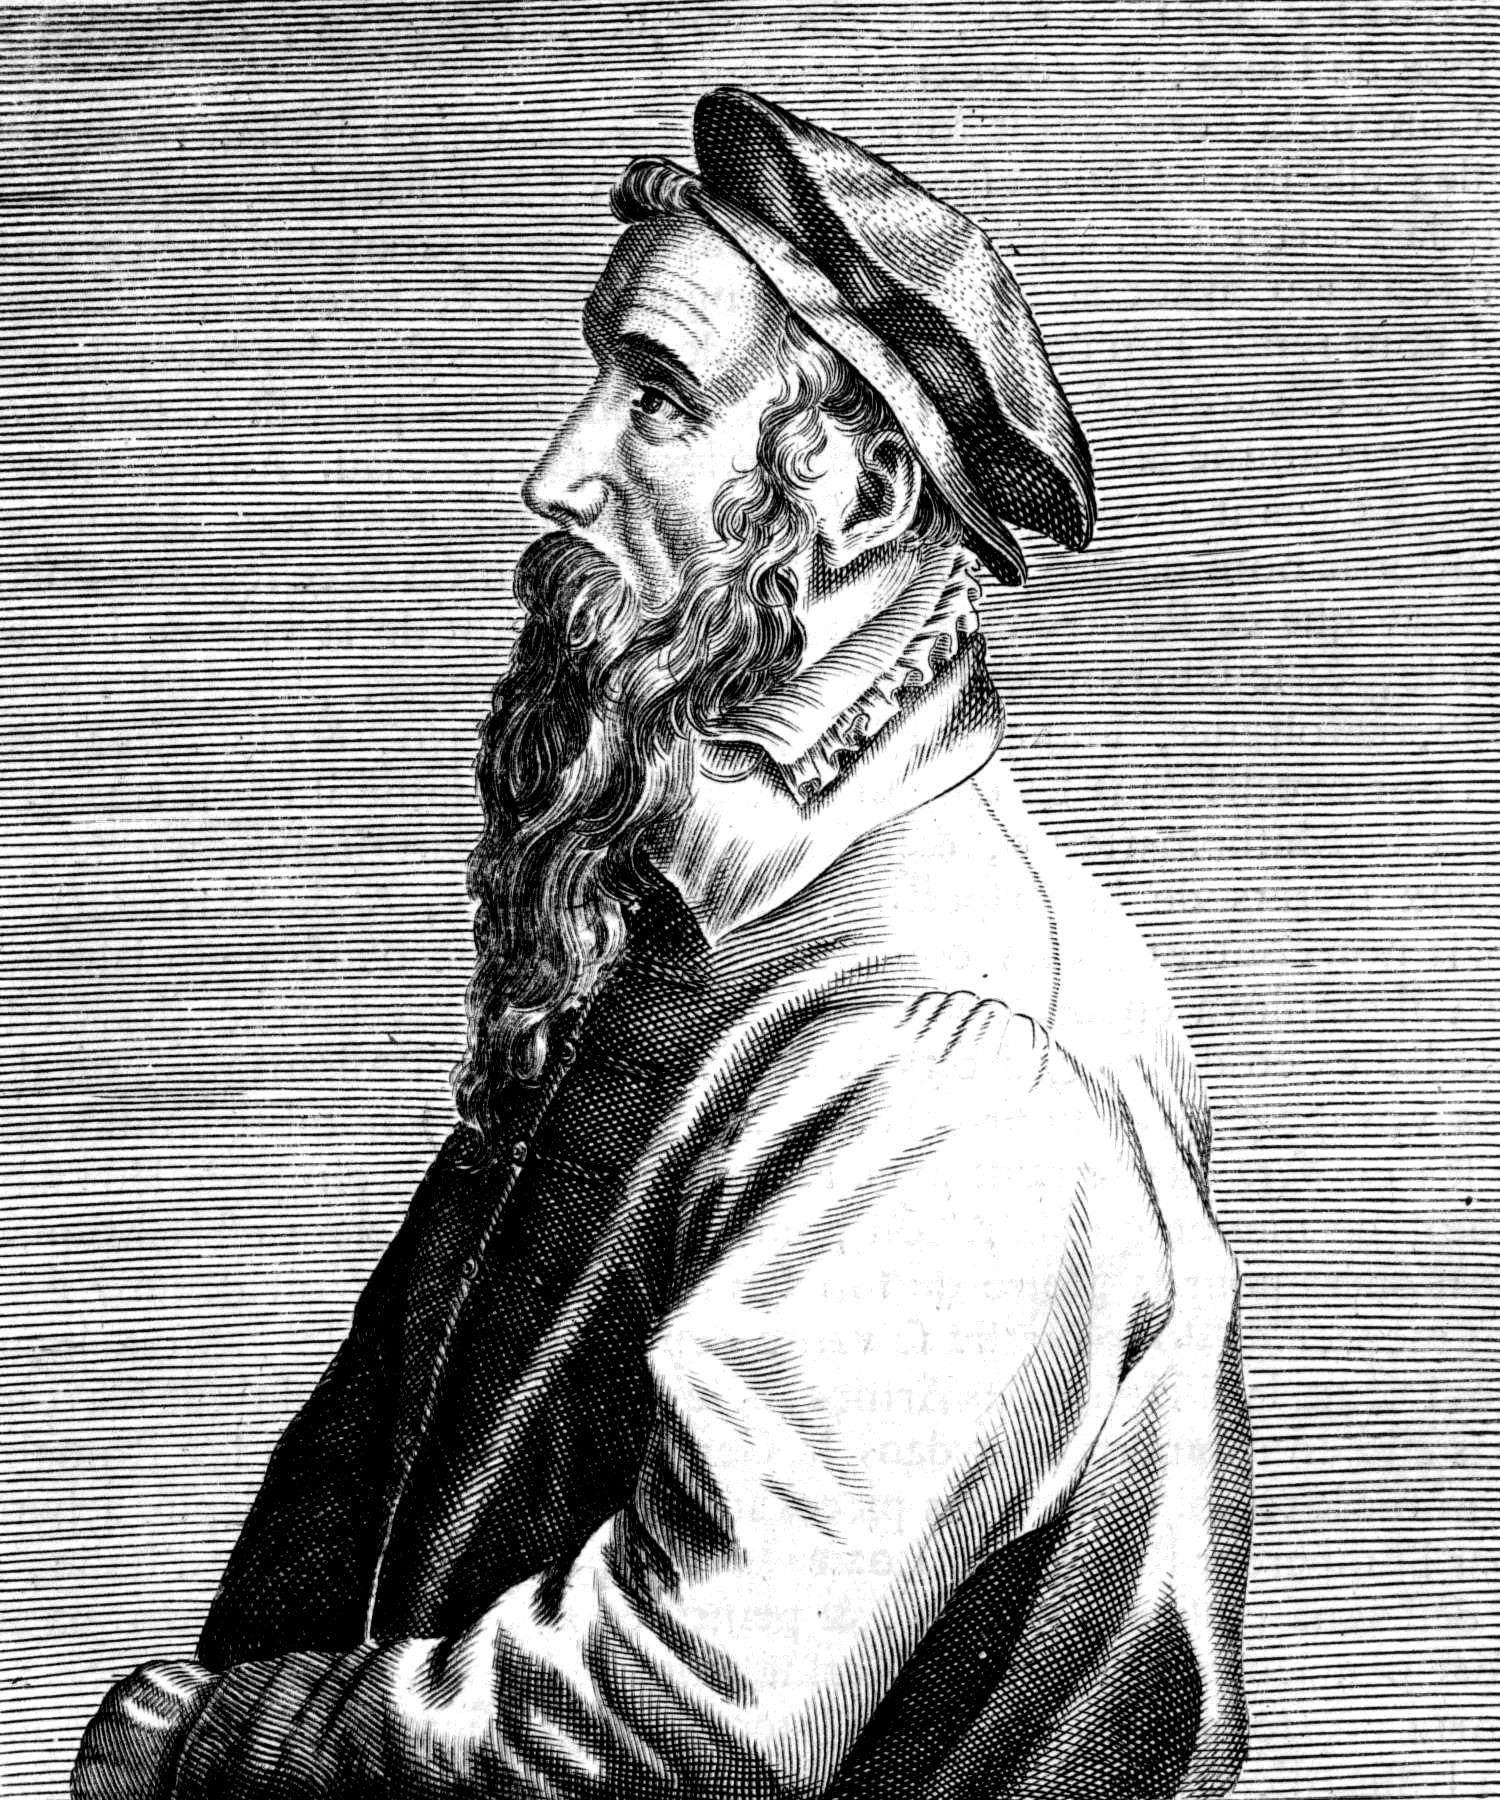 ピーテル ブリューゲル wikipedia